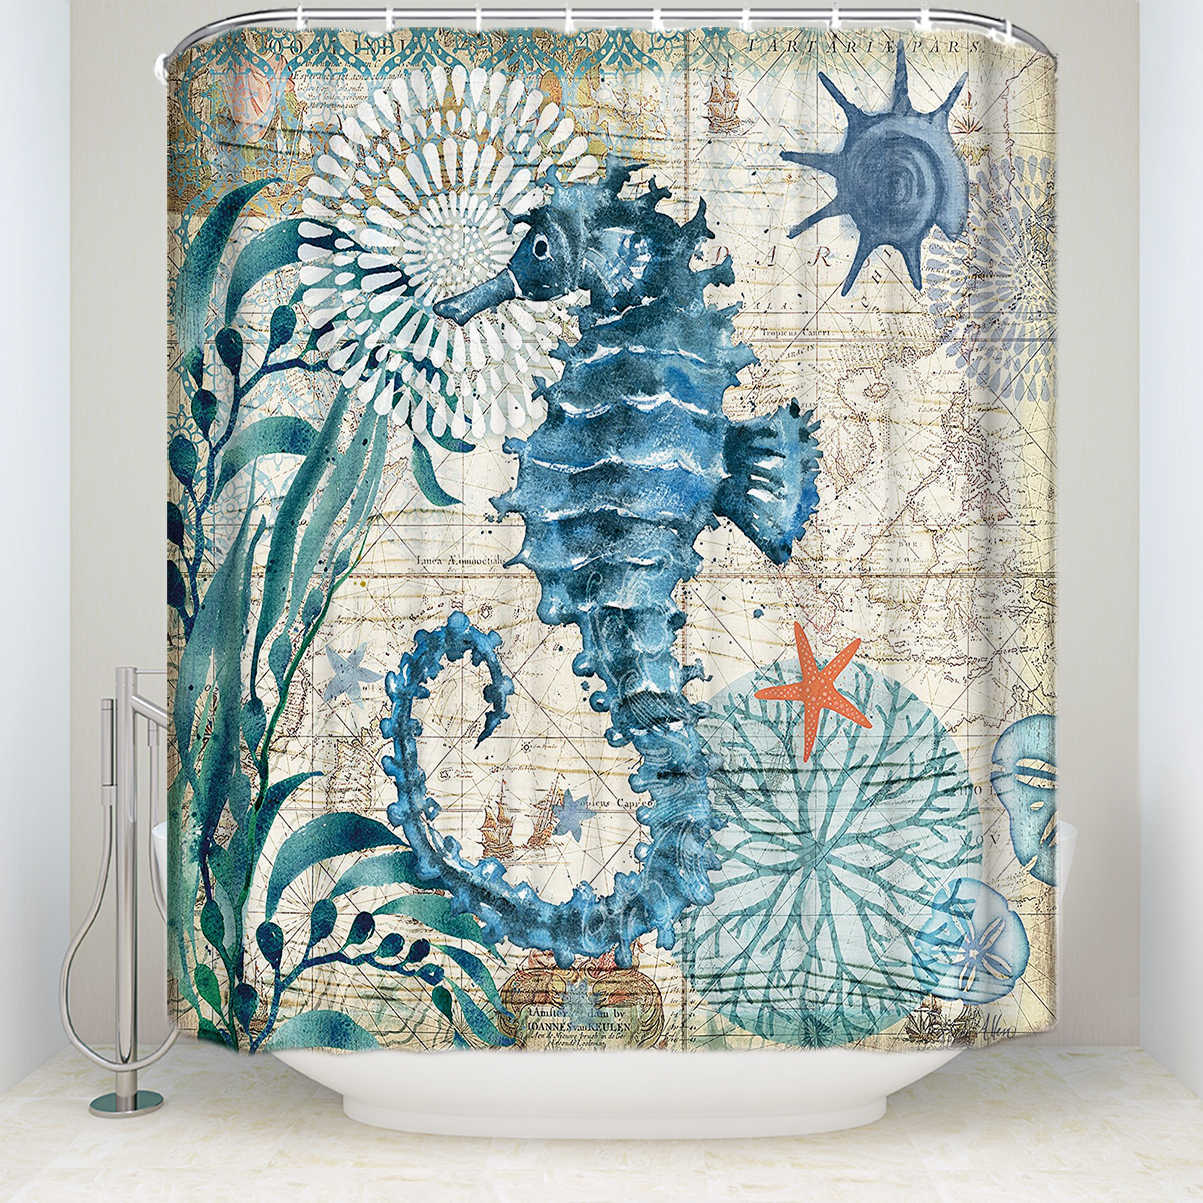 Tecido cortina de chuveiro tartaruga do mar casa decoração acessórios do banheiro à prova dwaterproof água poliéster baleia octopus seahorse banho cortinas